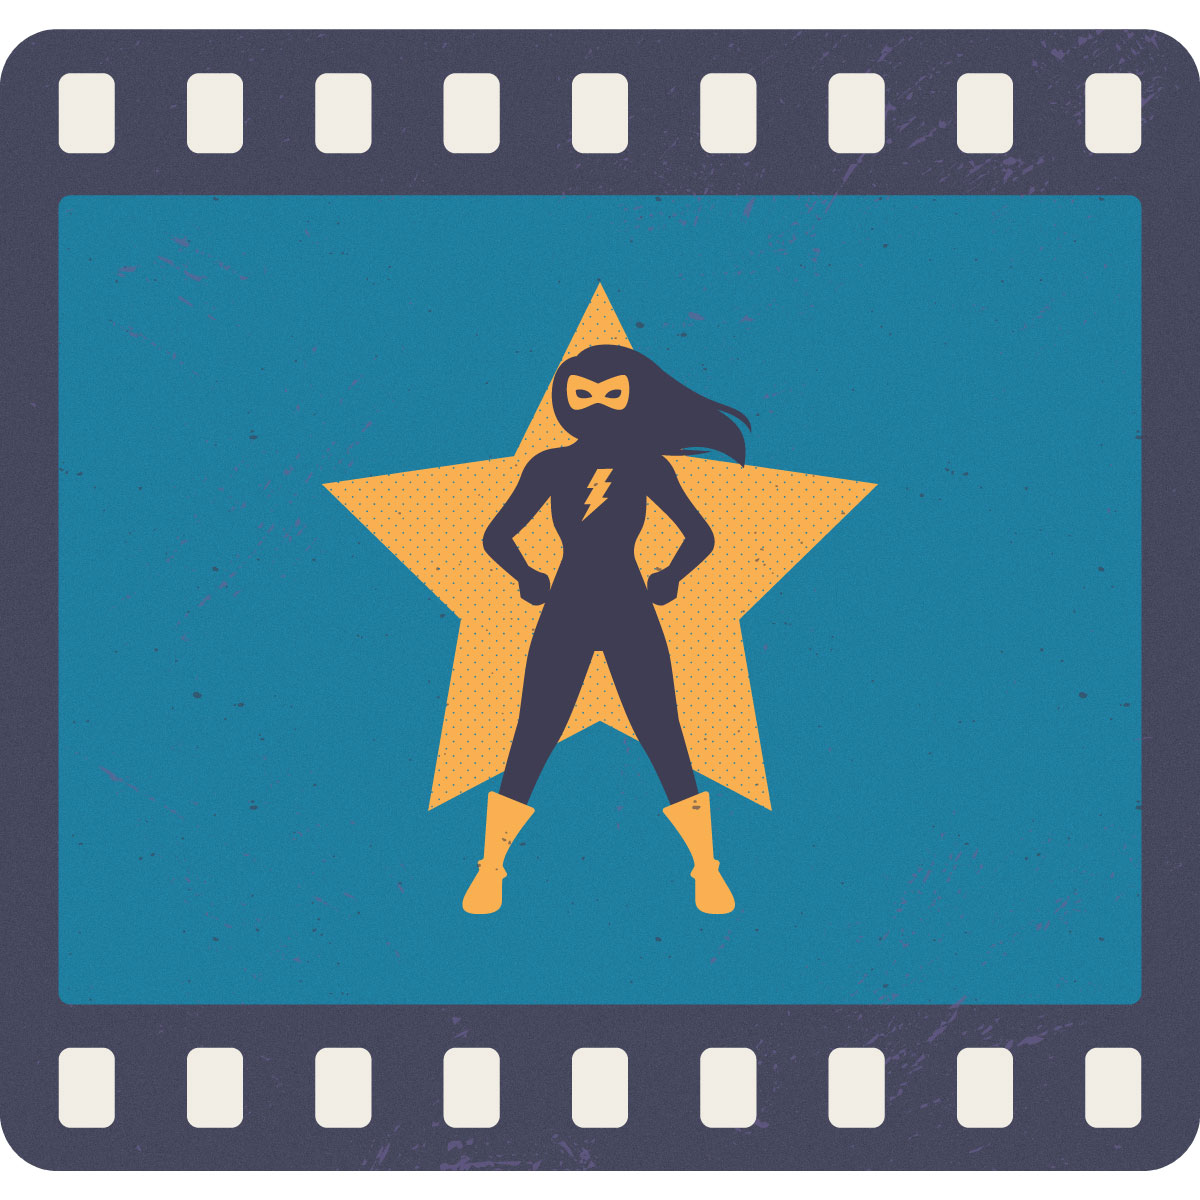 Silueta de mujer superheroína con una estrella amarilla de fondo, dentro de lo que parece ser una cinta de fotografía